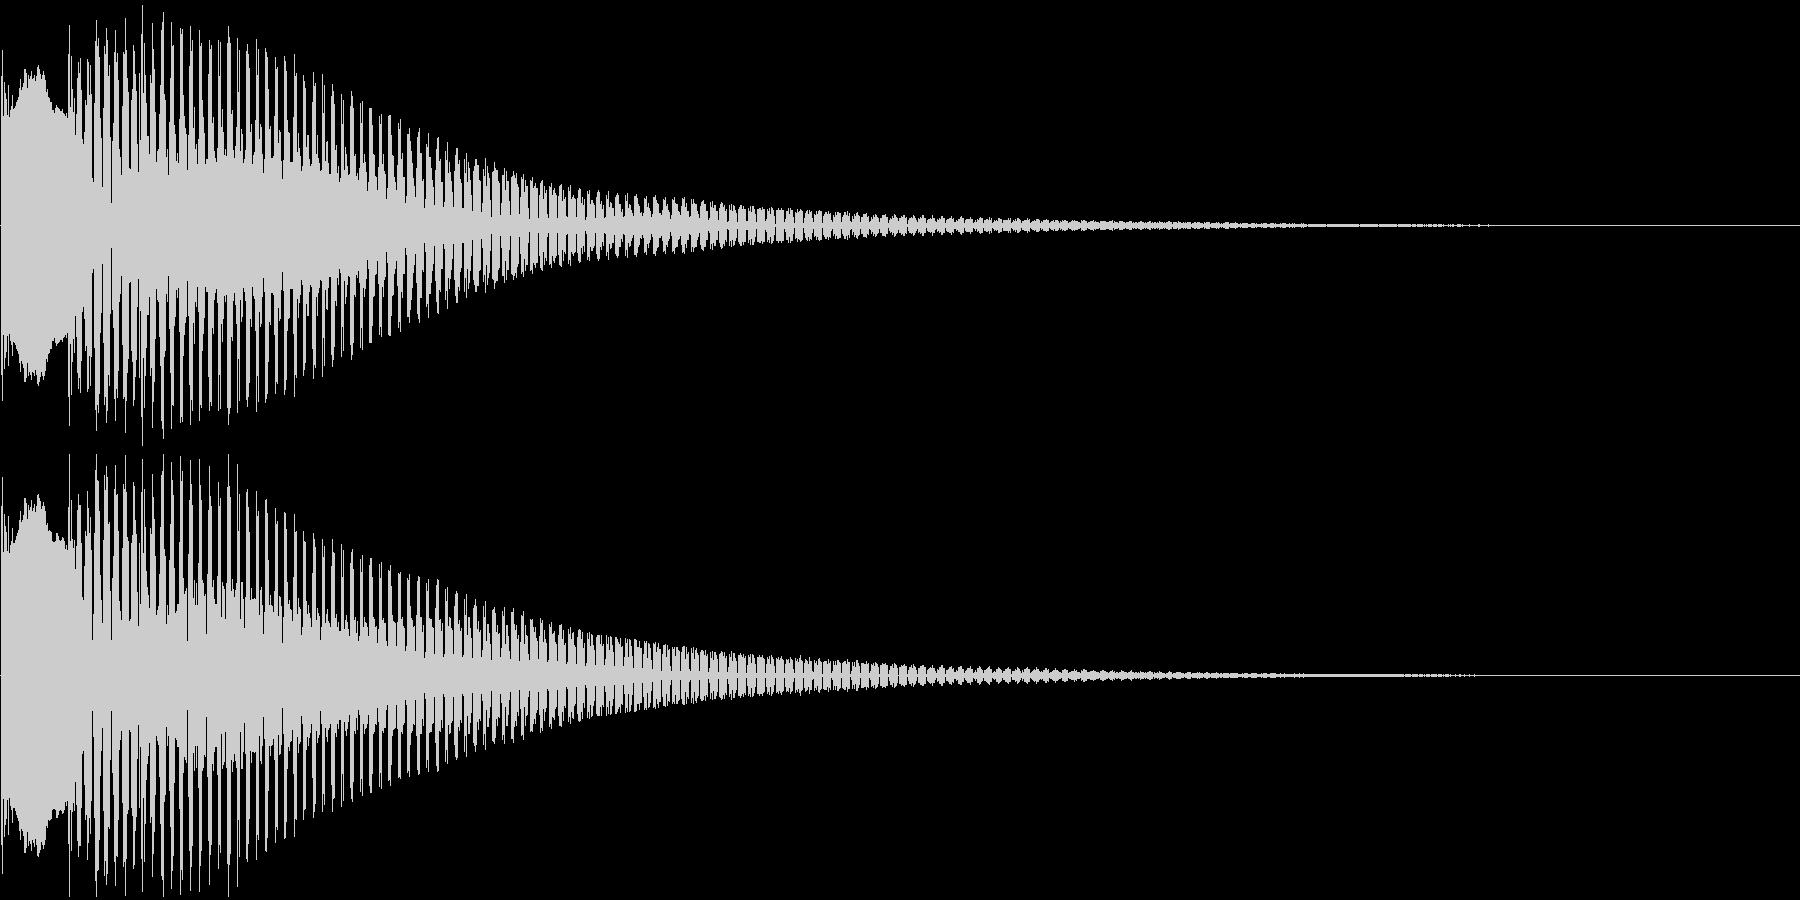 キャンセル音、失敗音の未再生の波形